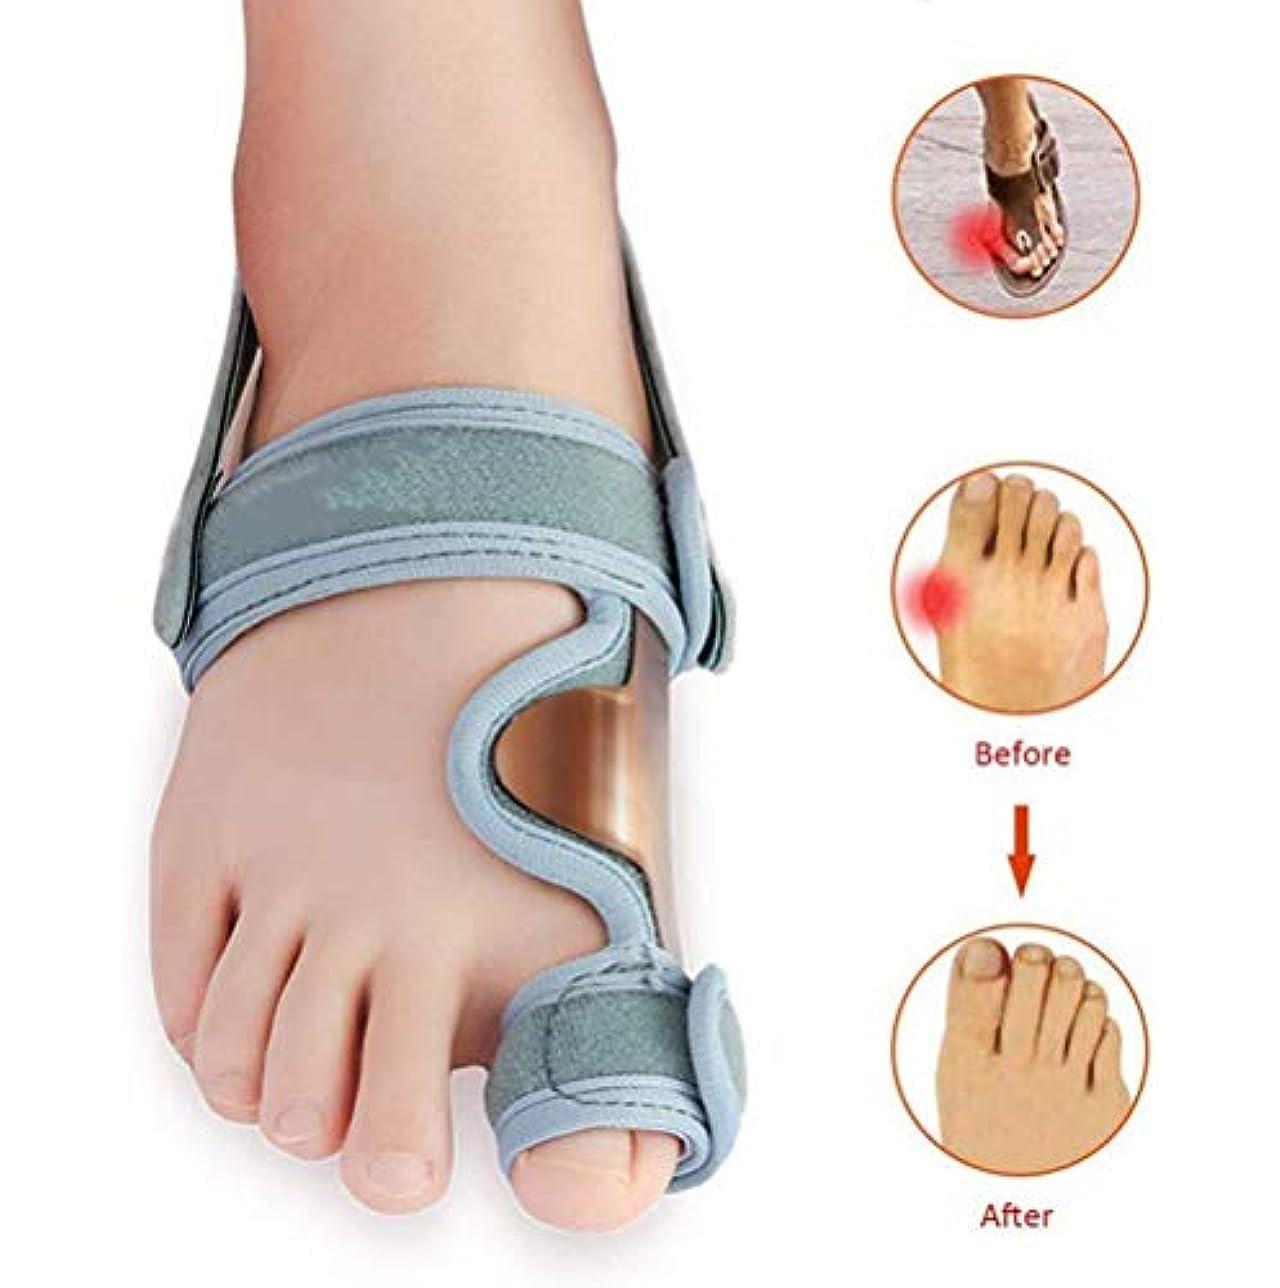 征服する練習財布整形外科腱膜瘤コレクター、外反母趾サポートブレーススプリントパッド親指セパレータストレート、女性と男性のための関節炎の痛みパッケージ、 1 個 (そうだね)